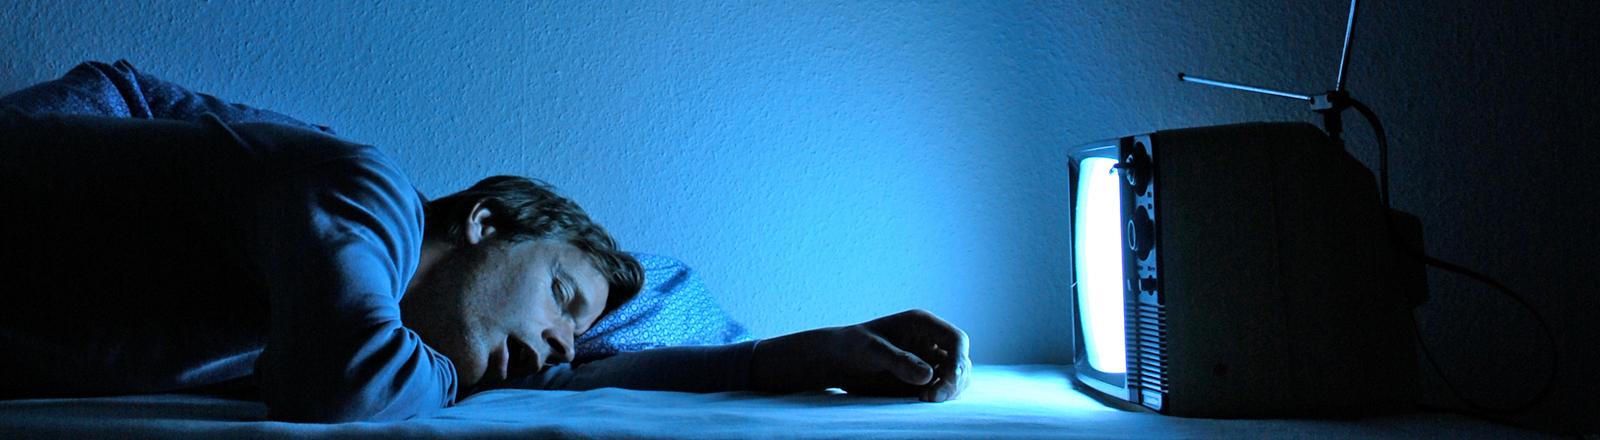 Ein Mann schläft vorm Fernseher.